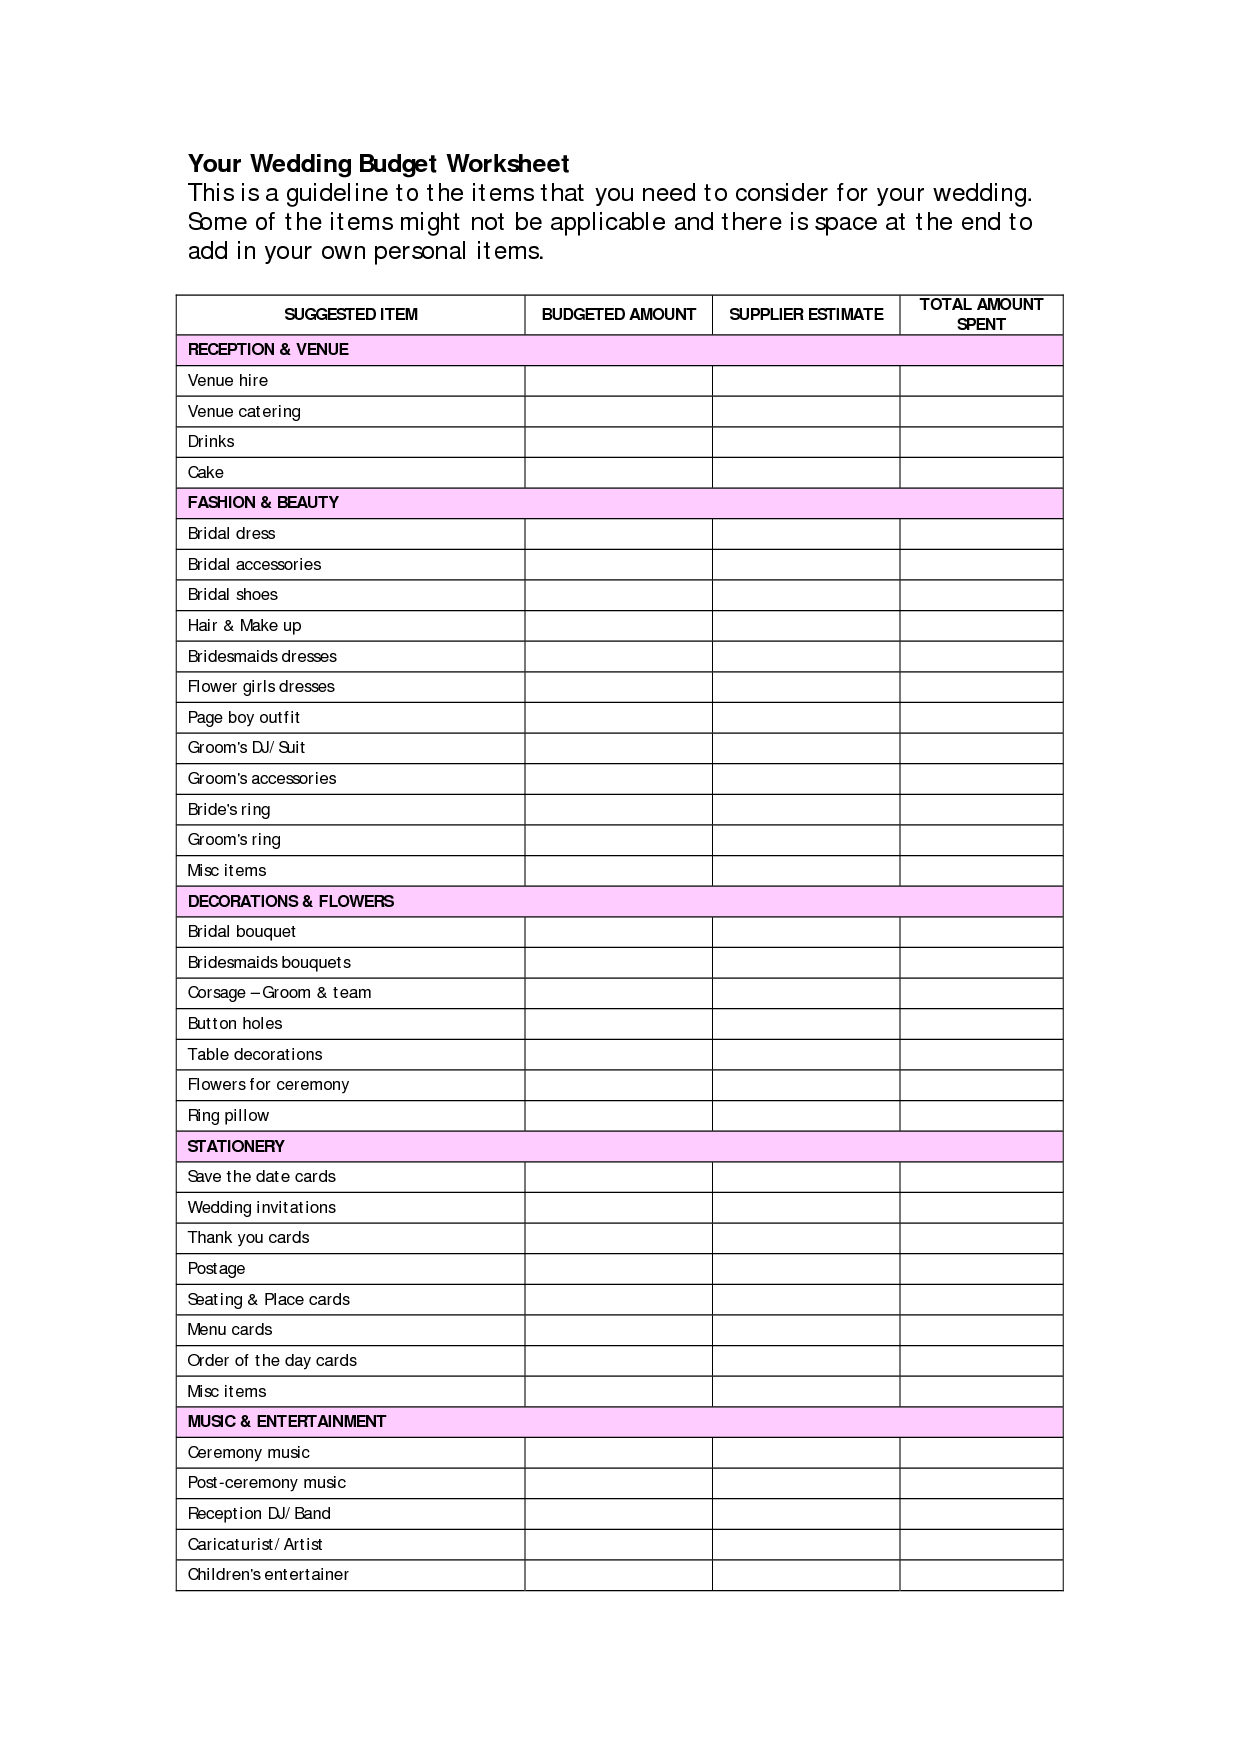 Wedding Budget Breakdown Spreadsheet For Example Of Wedding Budget Breakdowneadsheet Templates Document Info